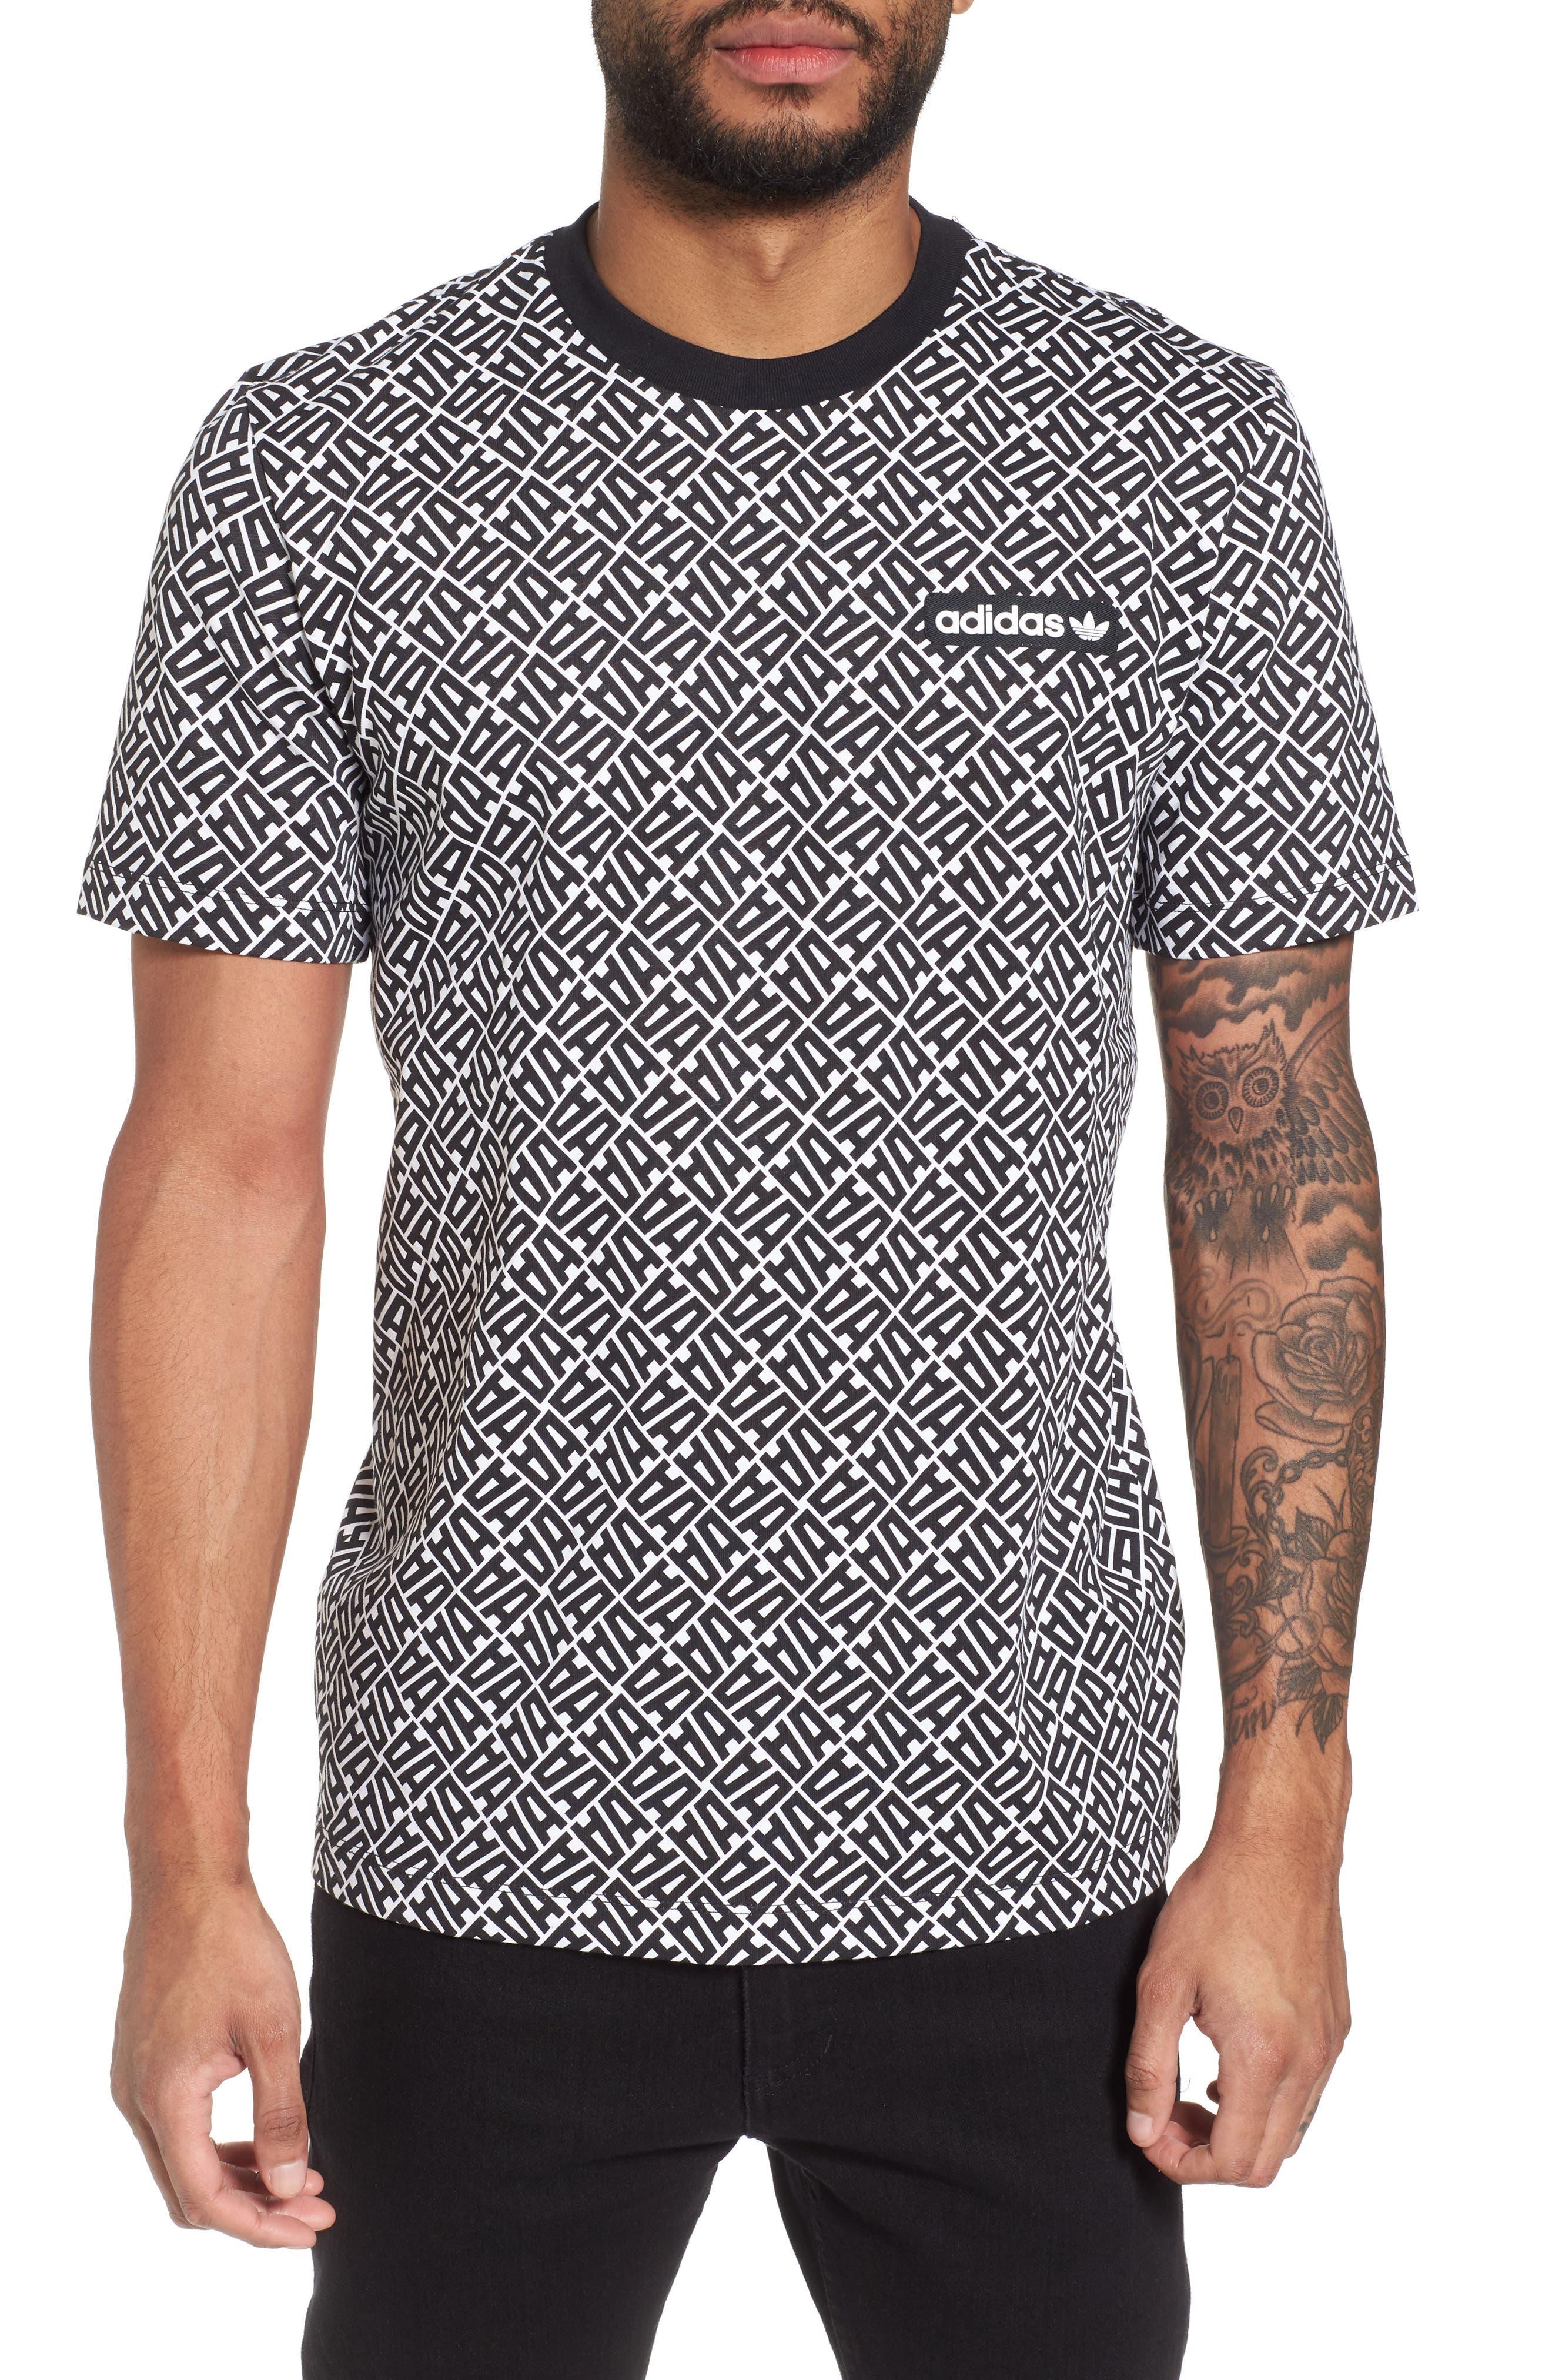 Originals Anichkov T-Shirt,                         Main,                         color, Black